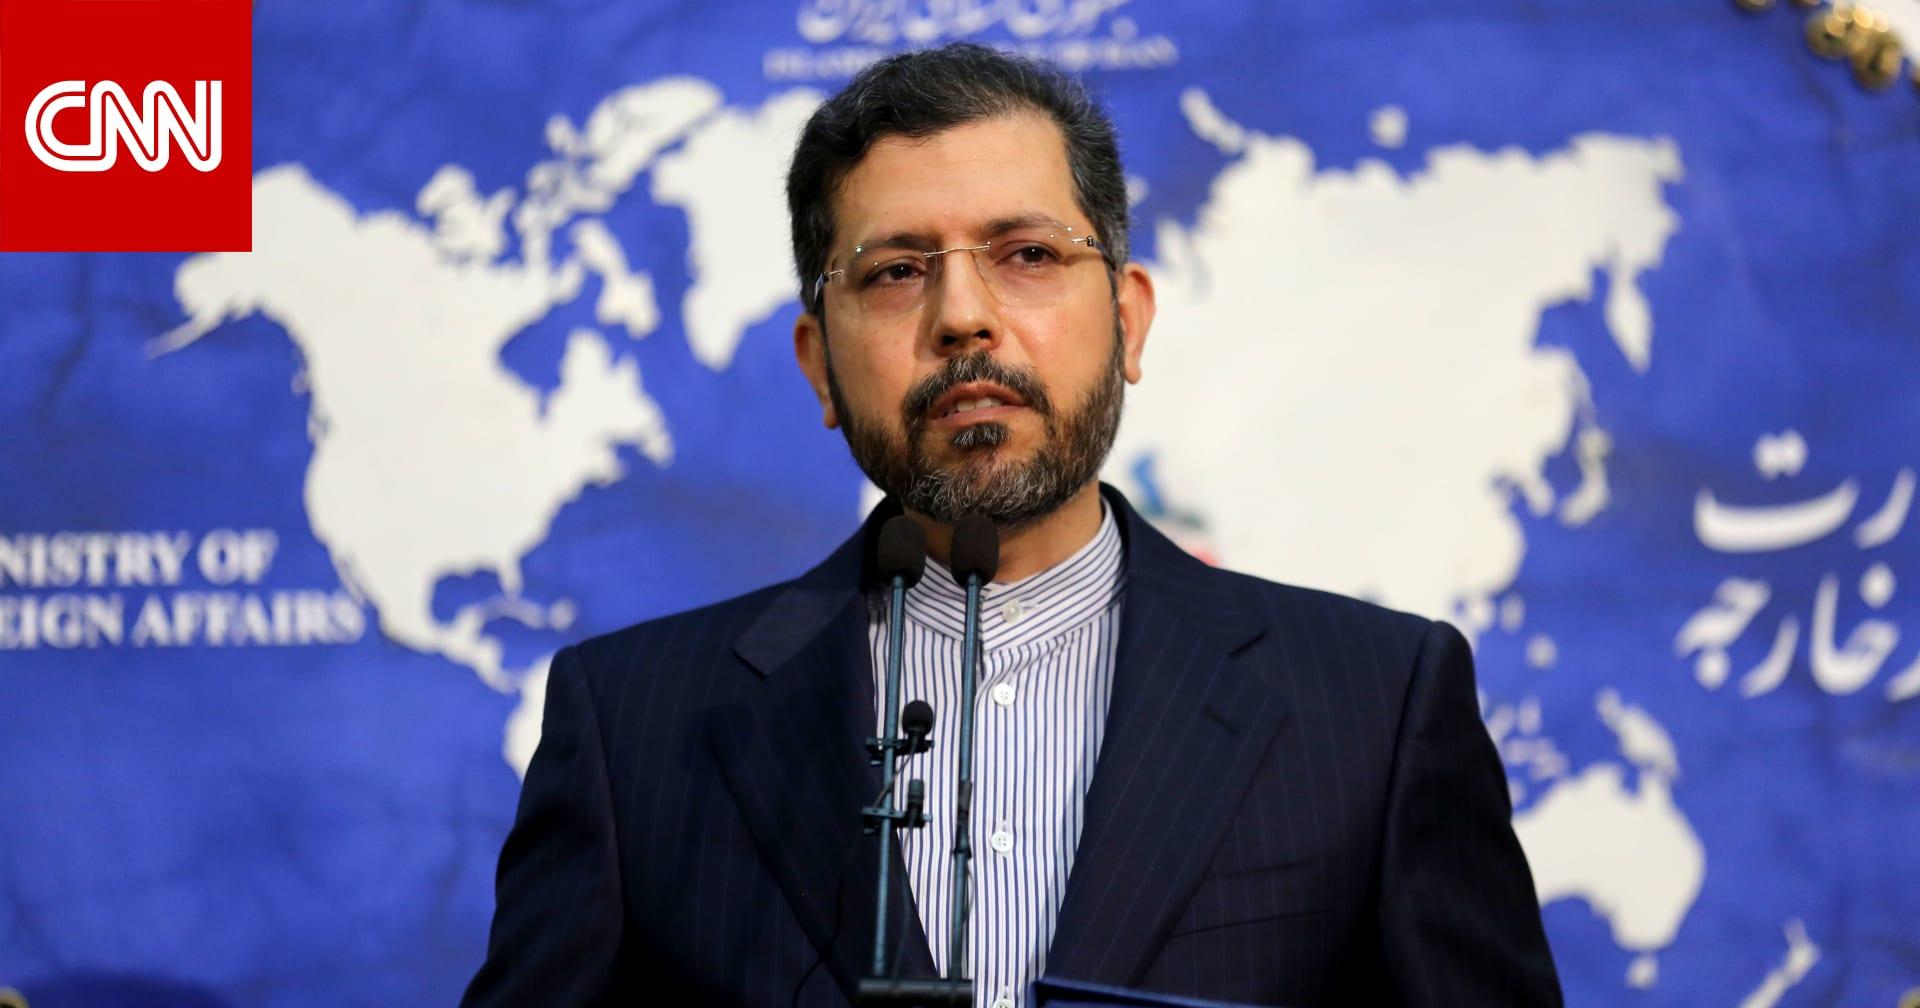 """إيران تعلق على أحداث الأردن وتربط مصلحة إسرائيل """"بأي توتر في غرب آسيا"""""""